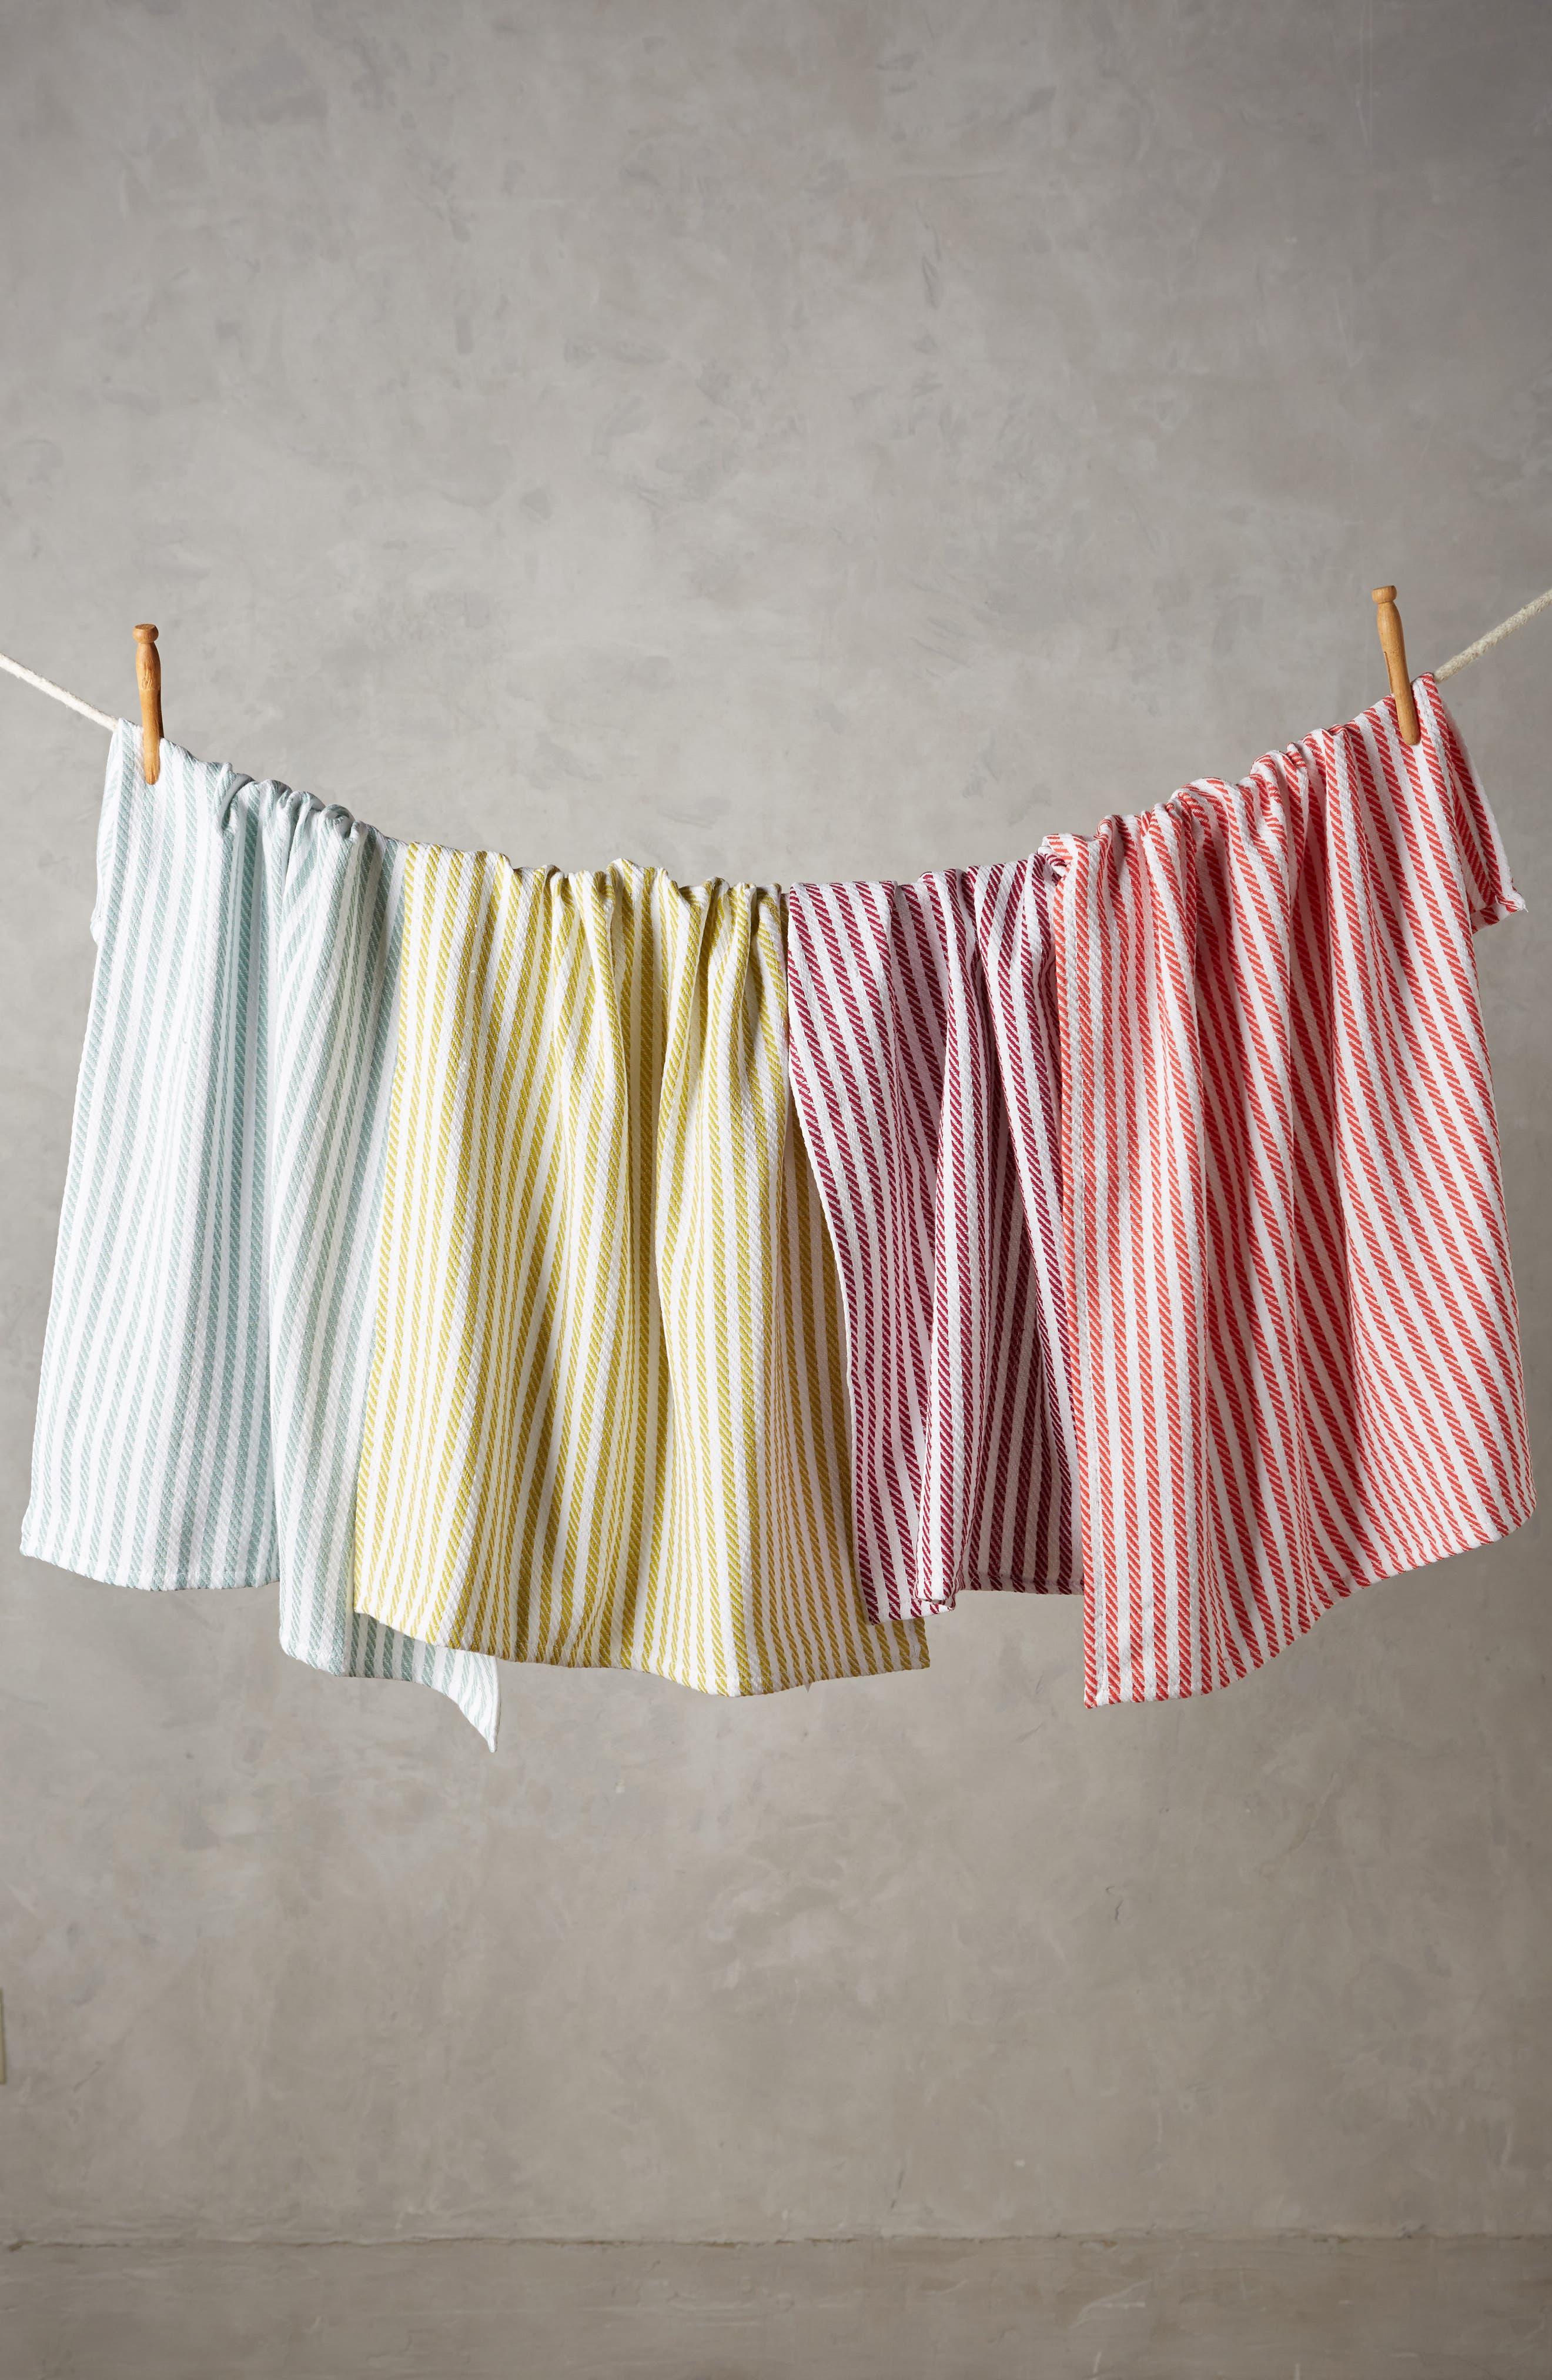 Baker Stripe Set of 4 Dishtowels,                             Main thumbnail 1, color,                             Pink Multi